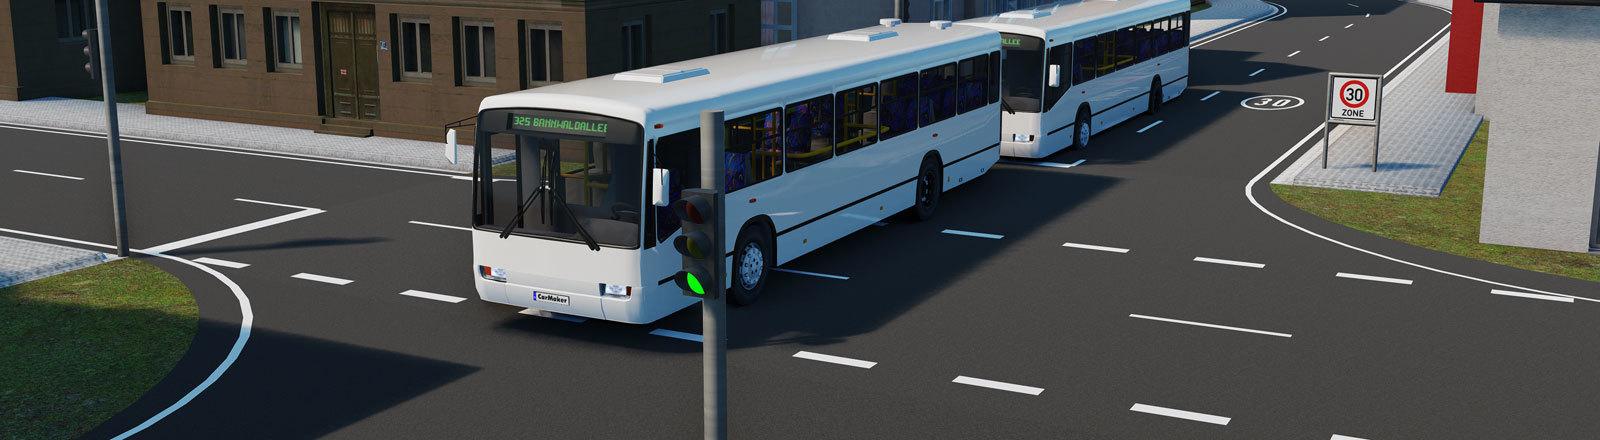 Bus-Platooning: Zwei Busse die Kolonne fahren in einer Grafik.